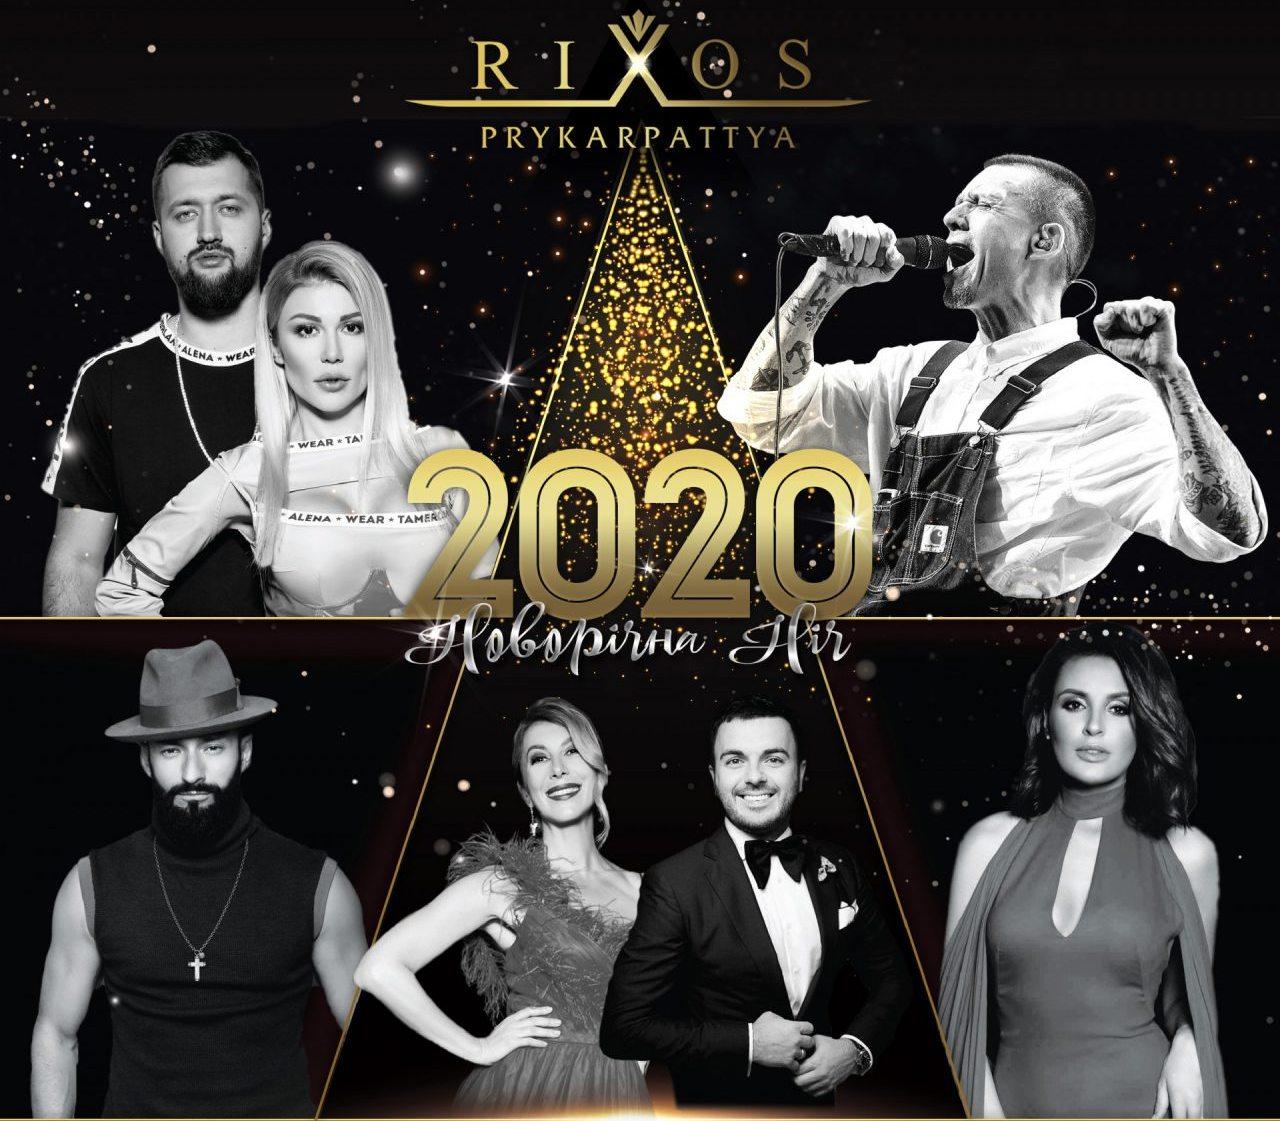 Новый Год 2020 в отеле «Rixos-Prykarpattya» — Трускавец